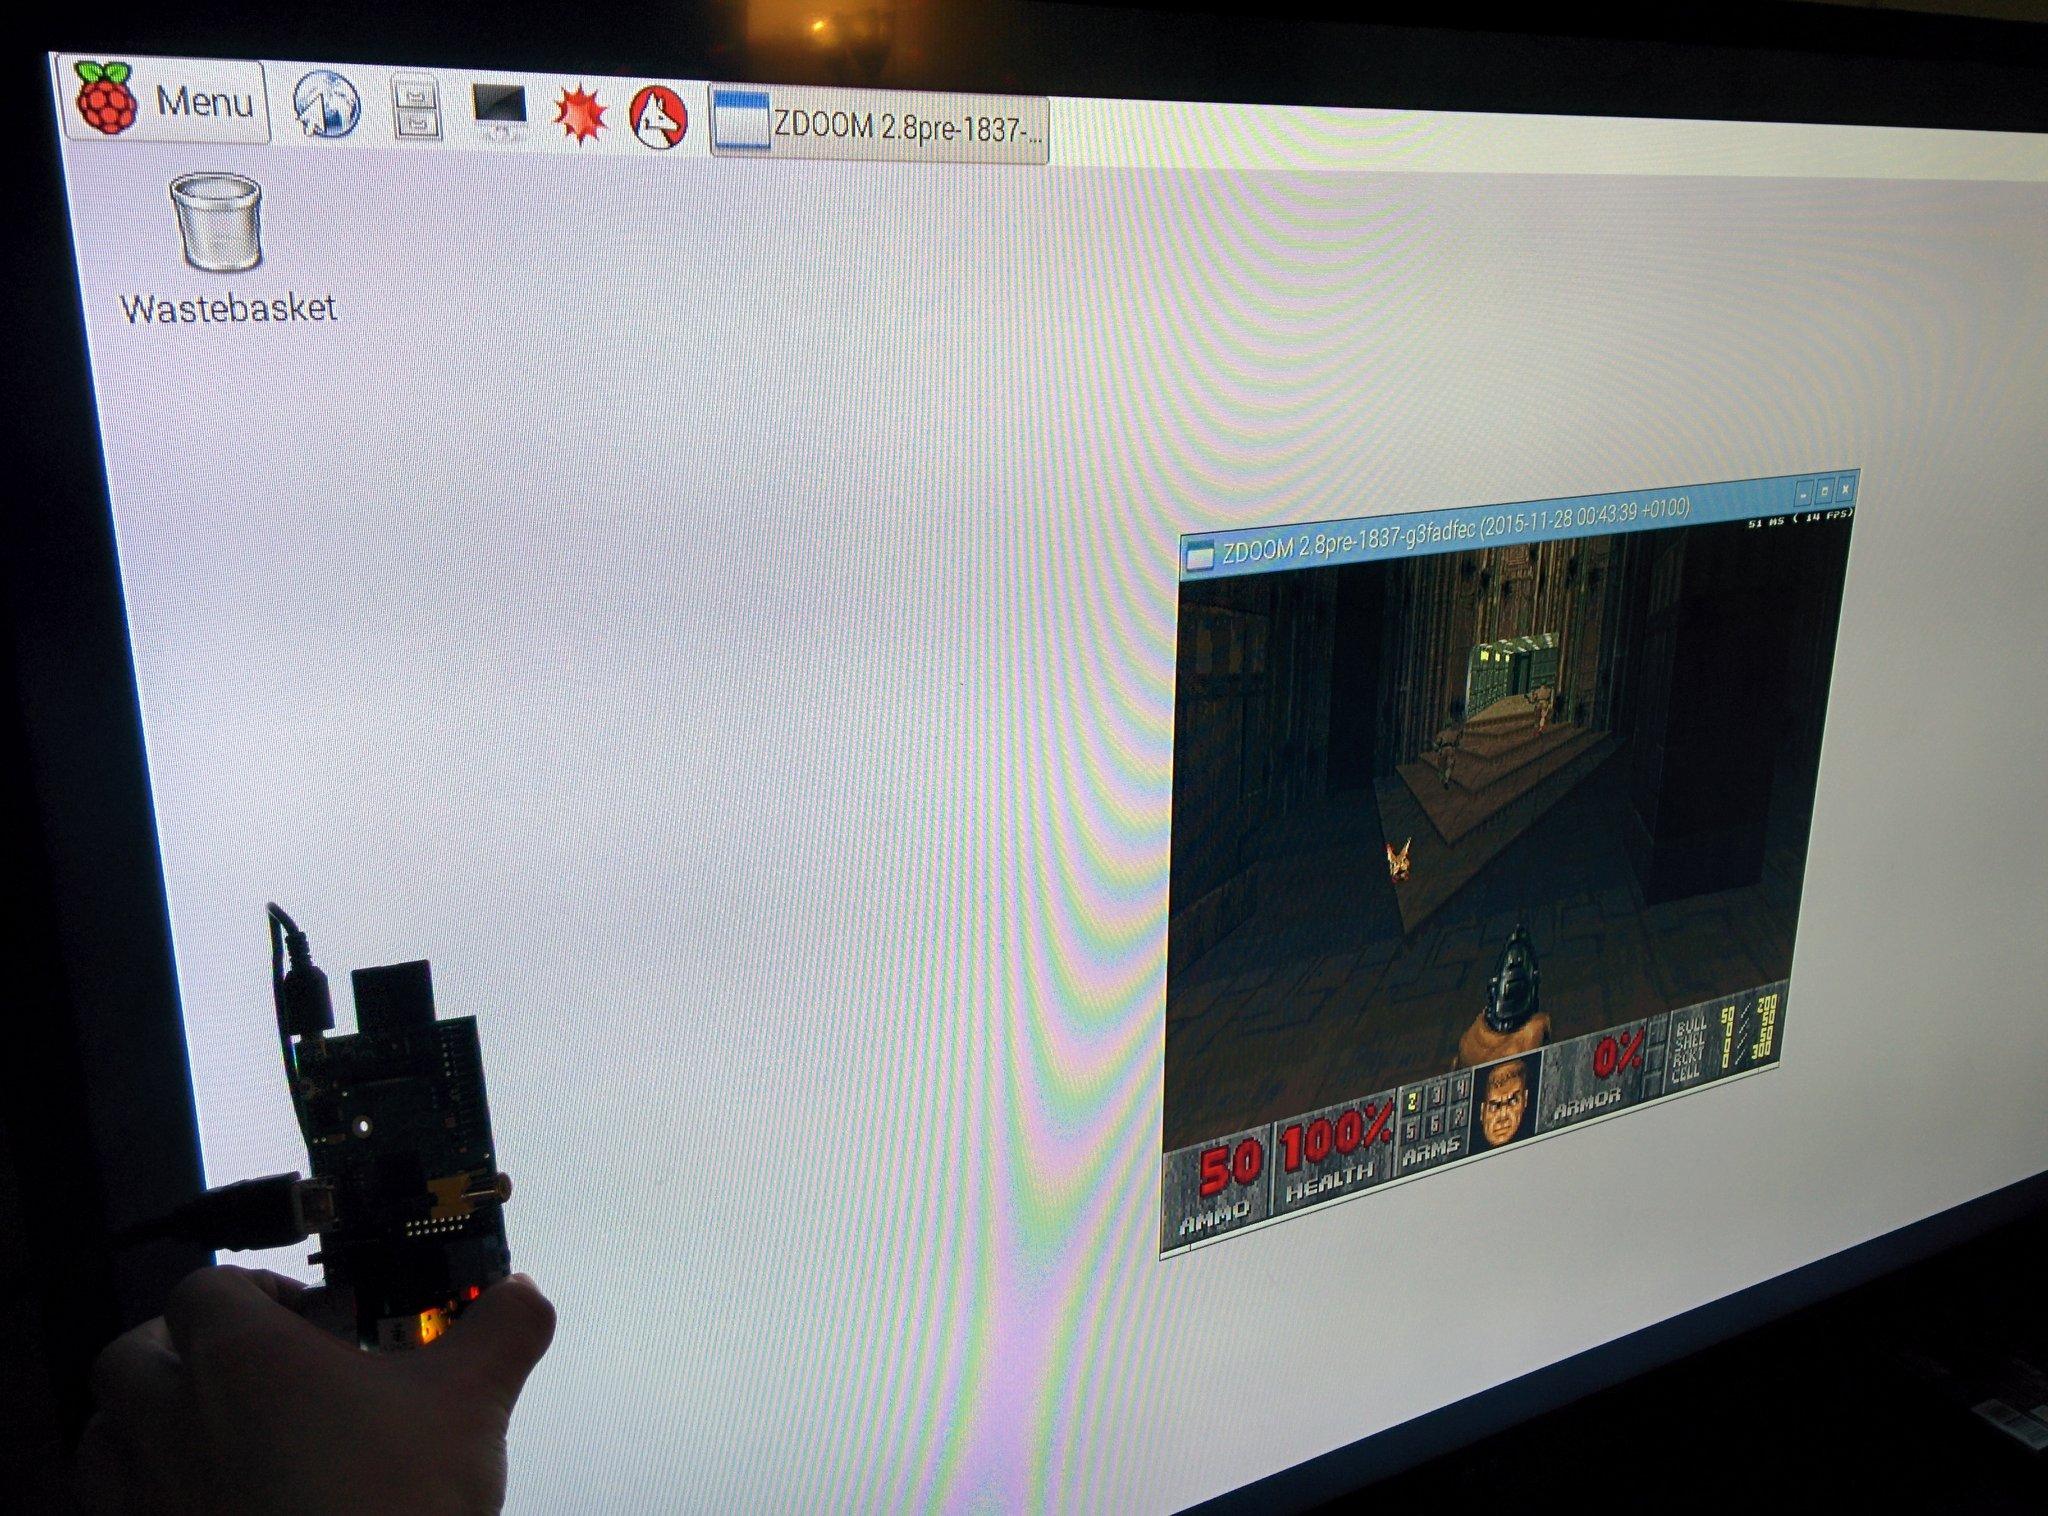 ZDoom on a Wii U GamePad with a Raspberry Pi / fuzzy notepad